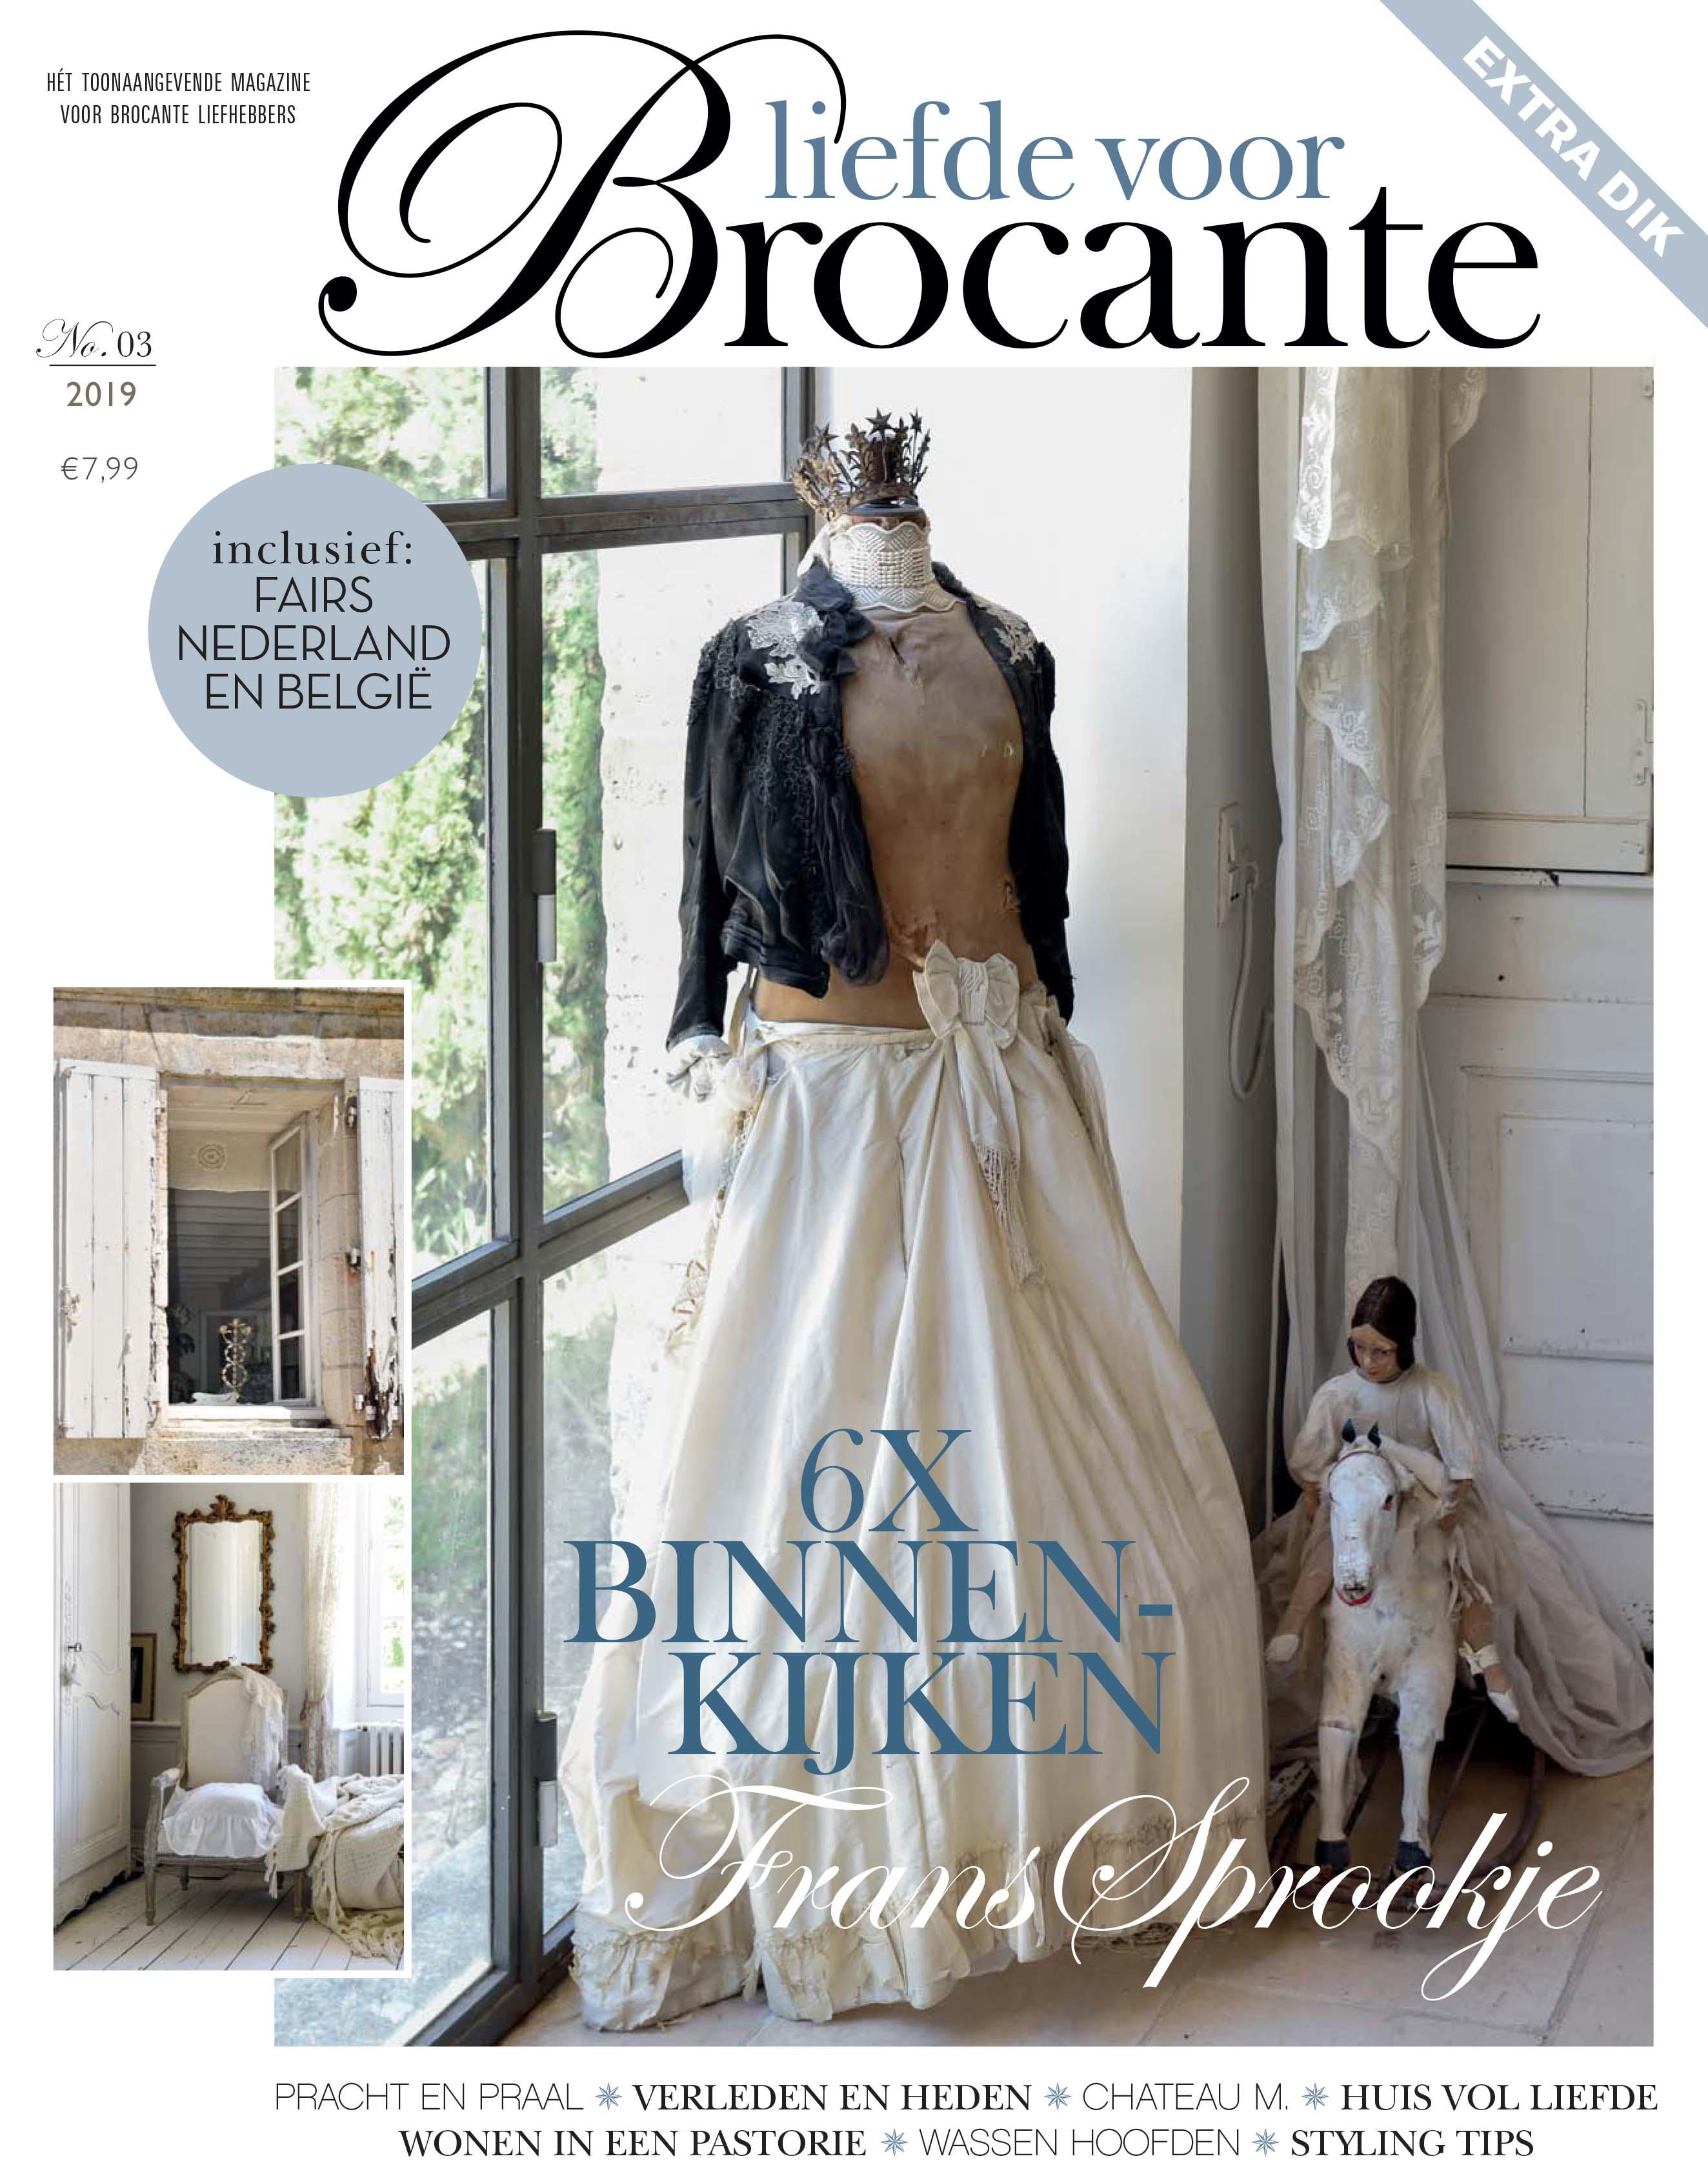 Liefde voor Brocante